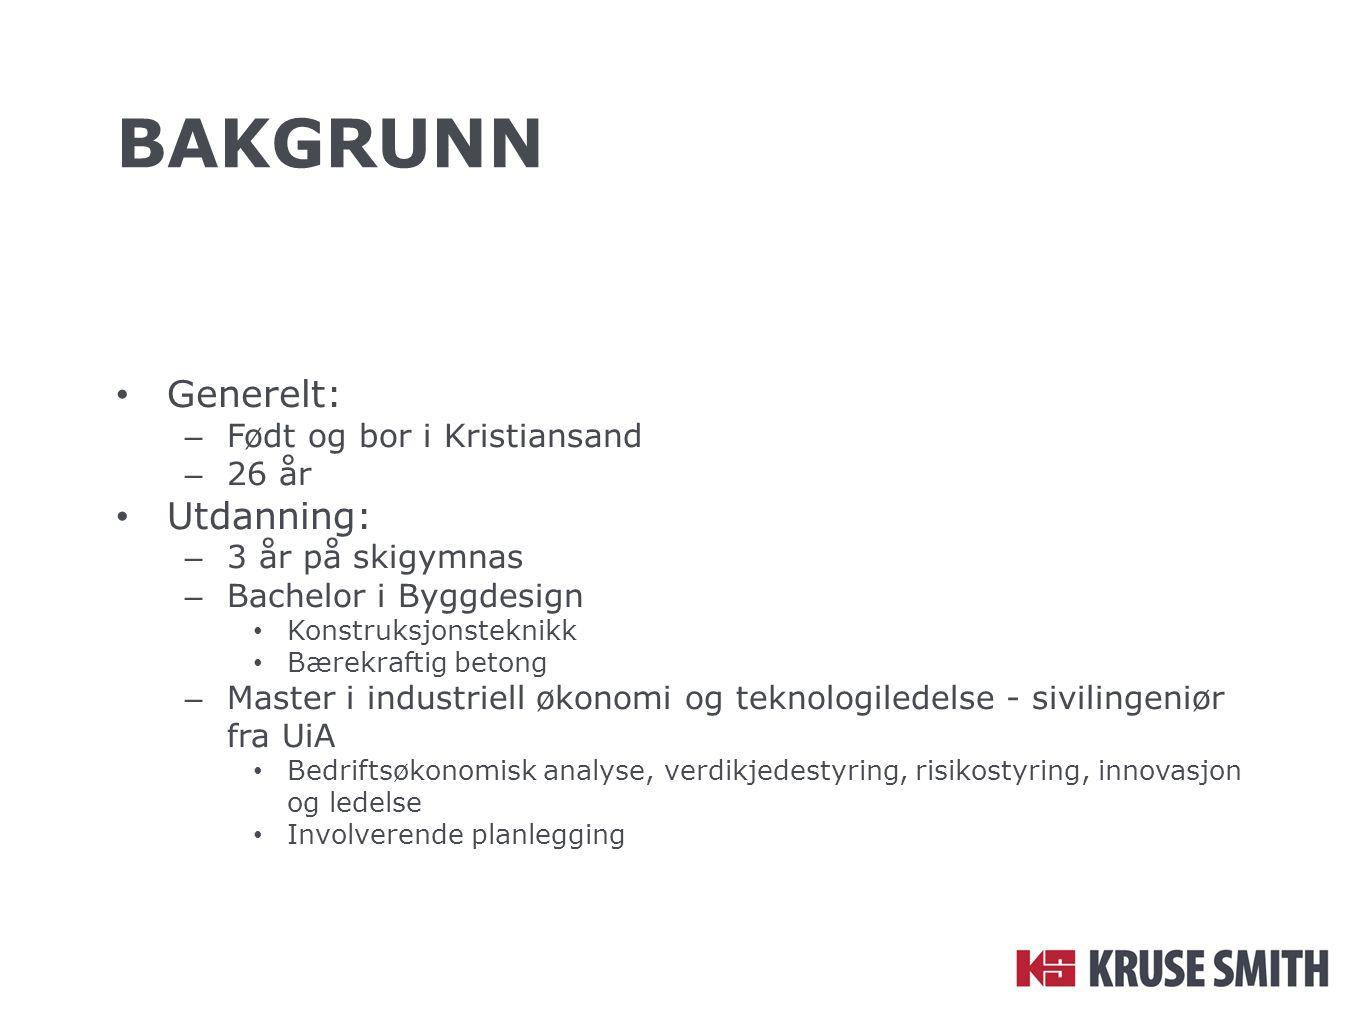 BAKGRUNN Generelt: – Født og bor i Kristiansand – 26 år Utdanning: – 3 år på skigymnas – Bachelor i Byggdesign Konstruksjonsteknikk Bærekraftig betong